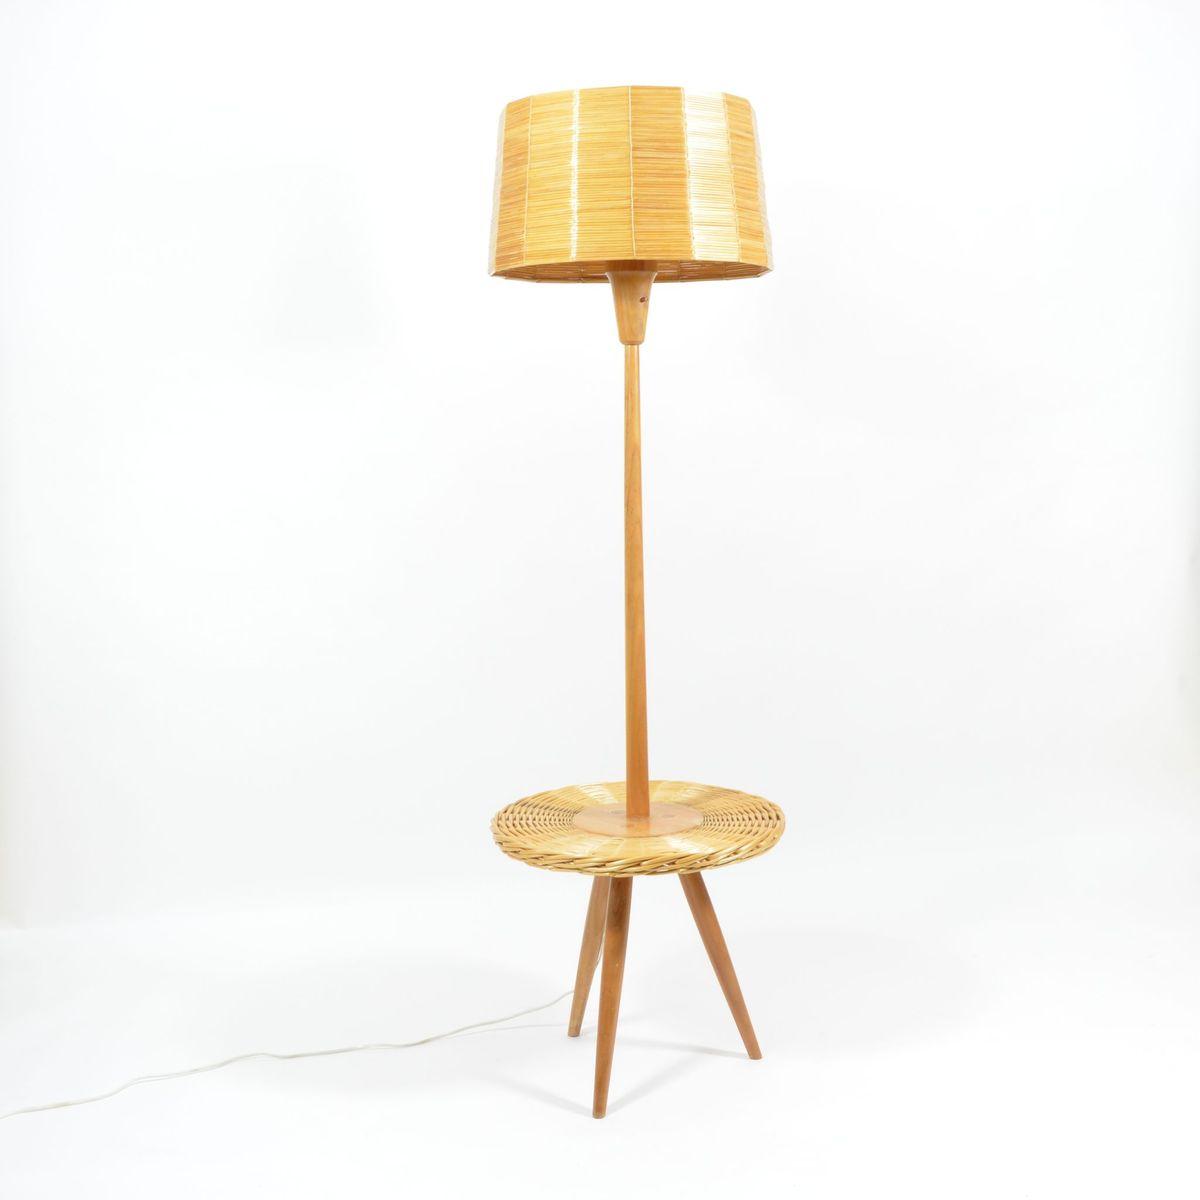 Stehlampe von Krásná Jizba, 1970er